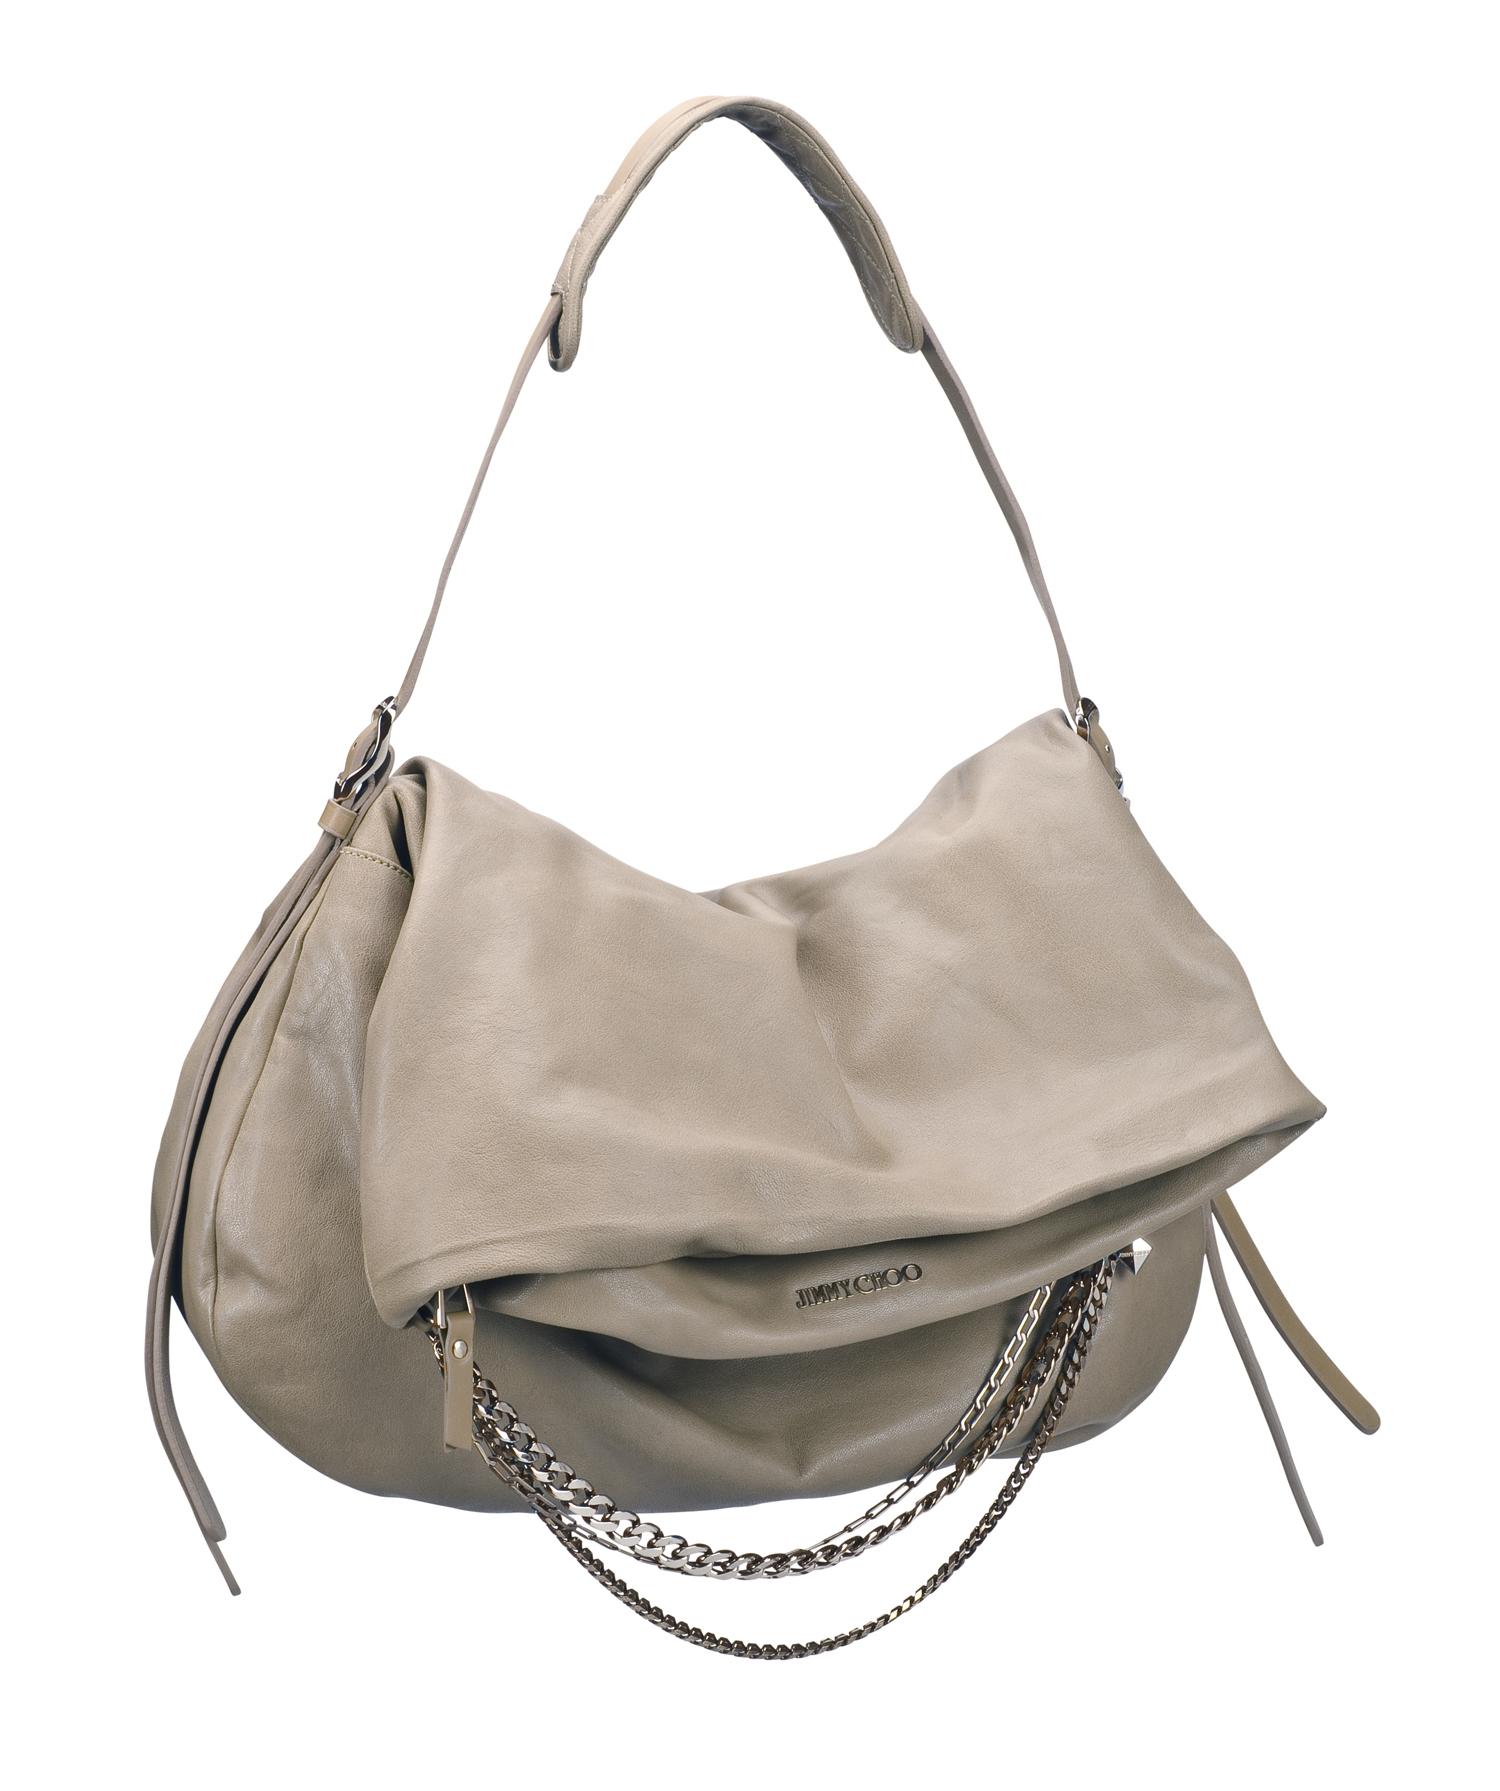 Jimmy Choo Bags